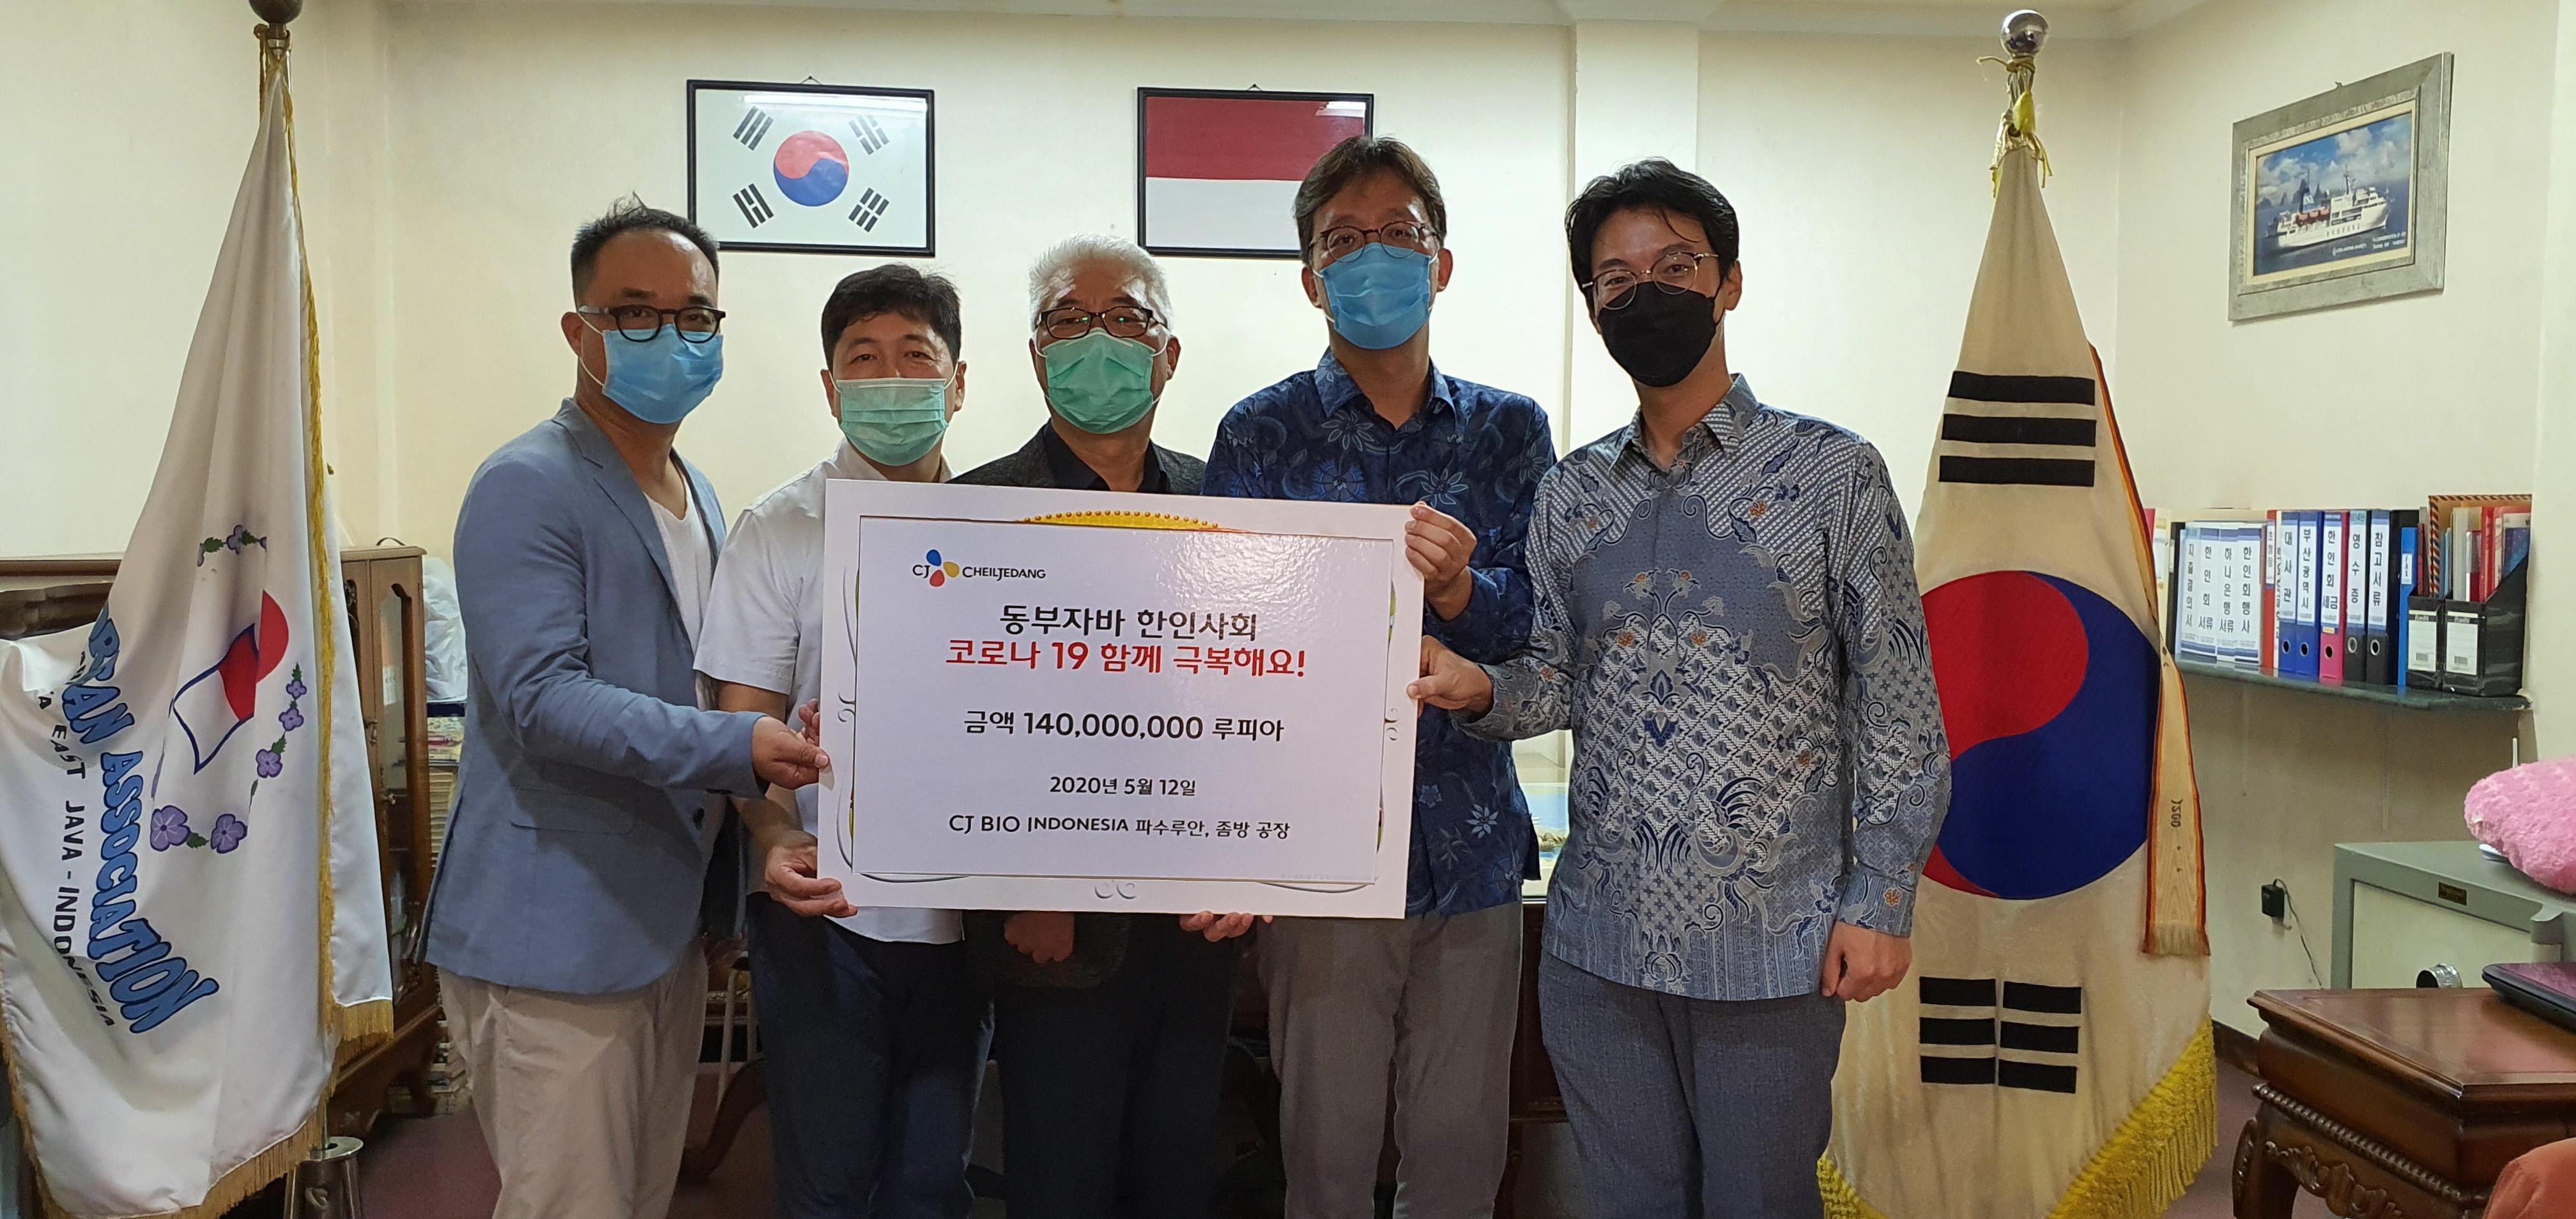 CJ 바이오 인도네시아 한인회 후원금 전달